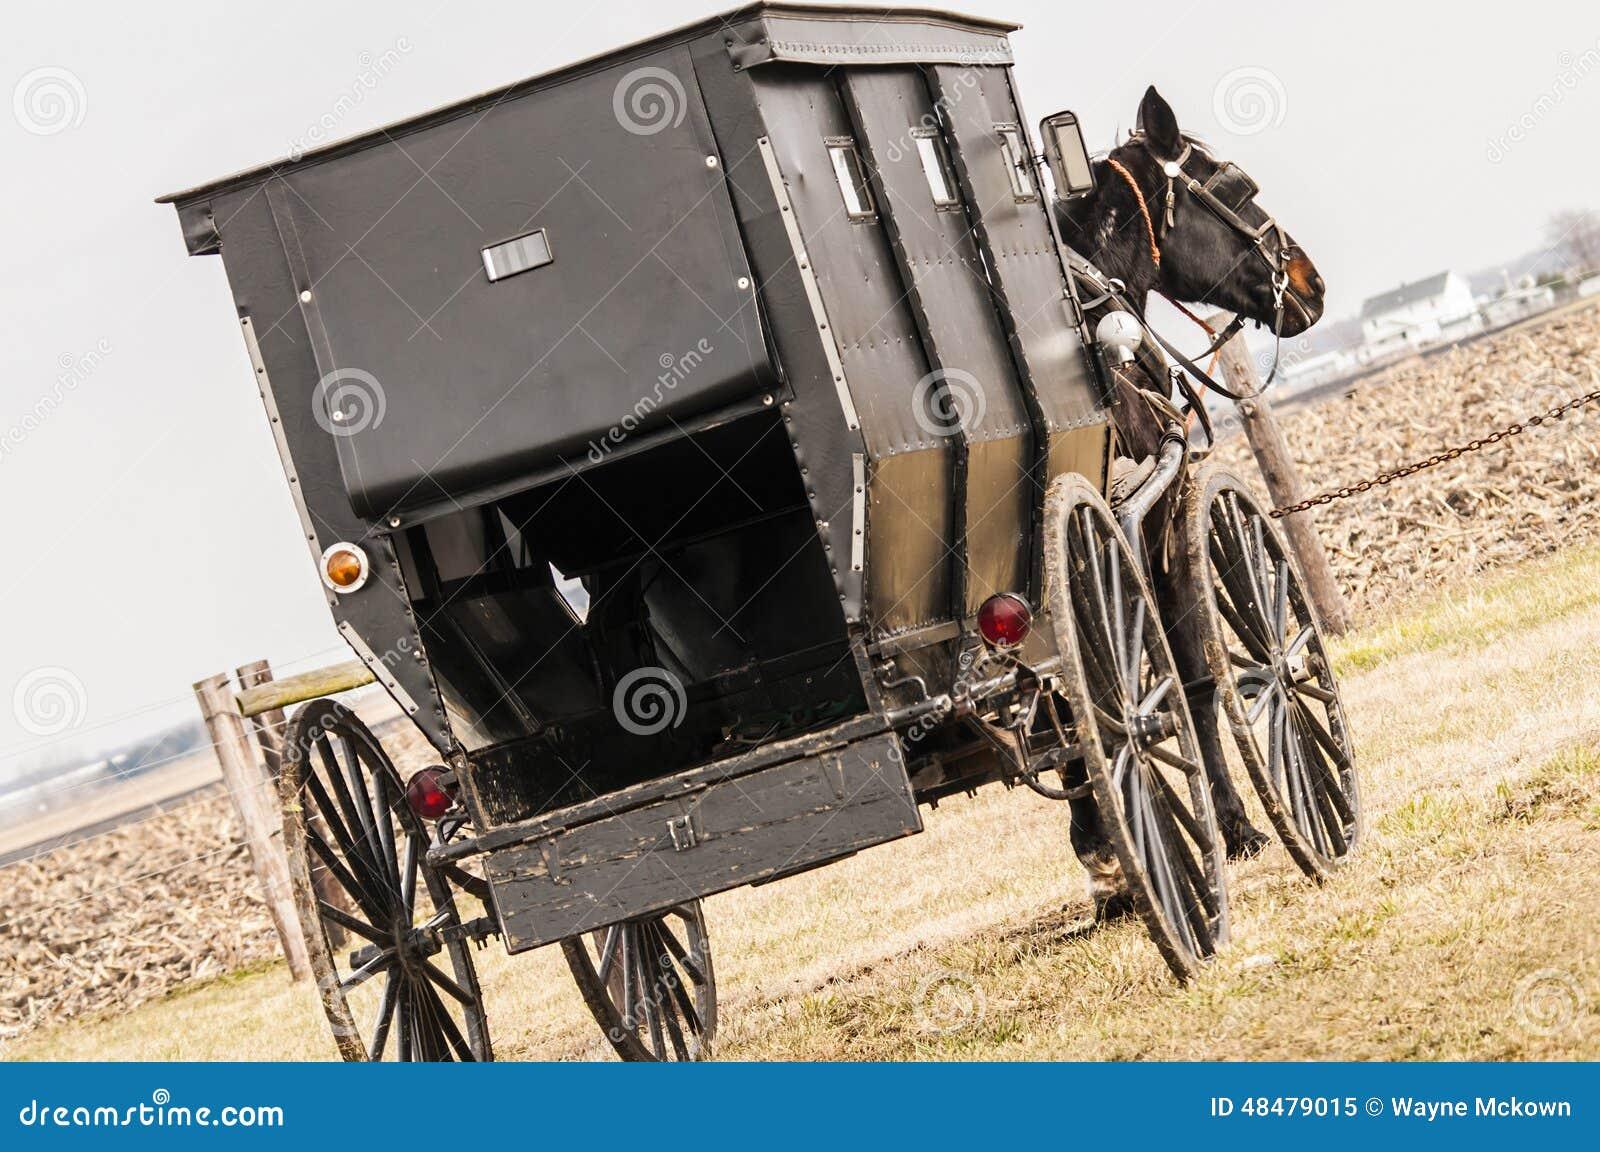 Amish casket, barnvagn